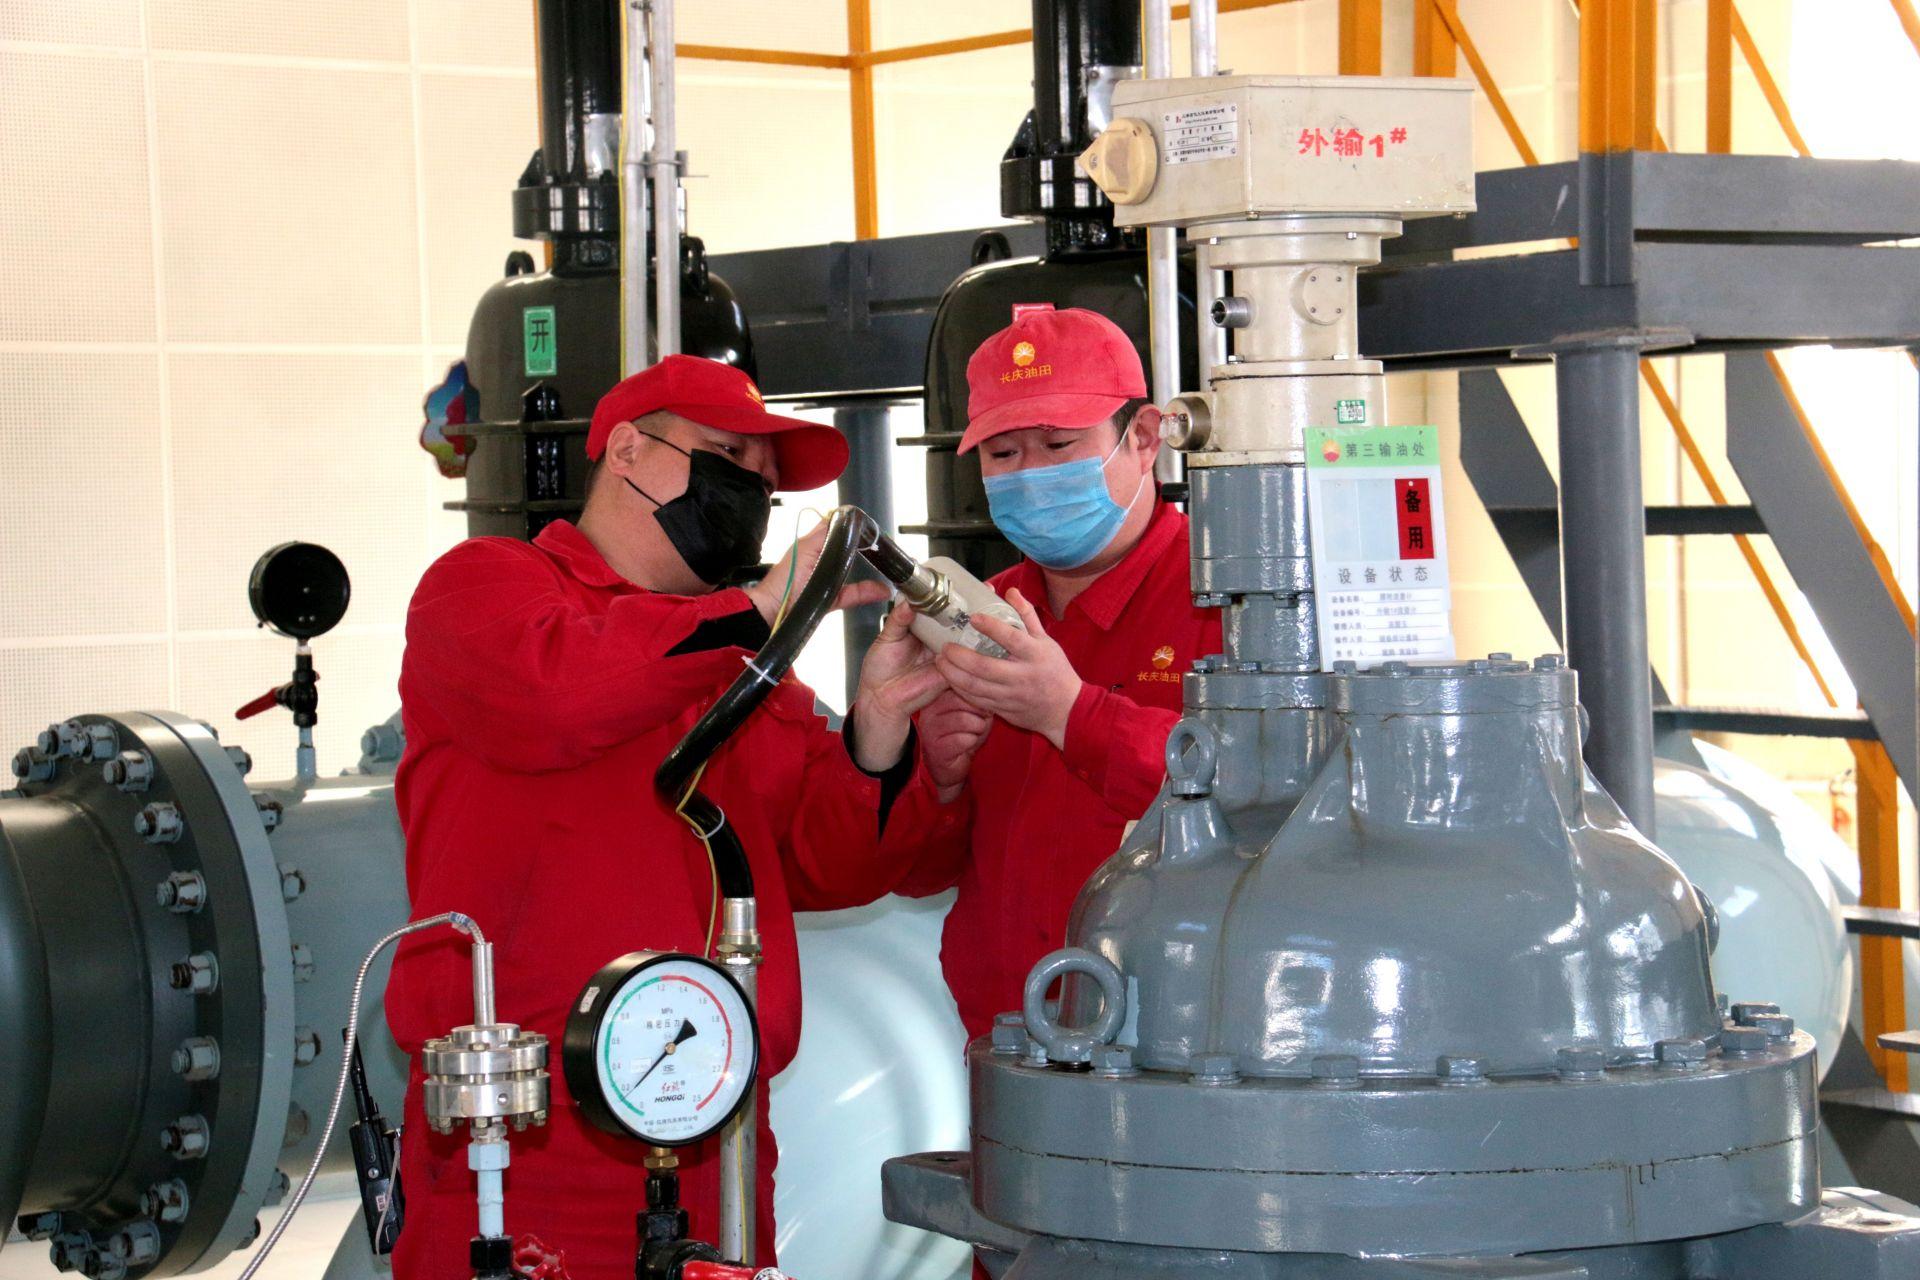 长庆油田第三输油处:防控疫情和保油储输两手抓两不误